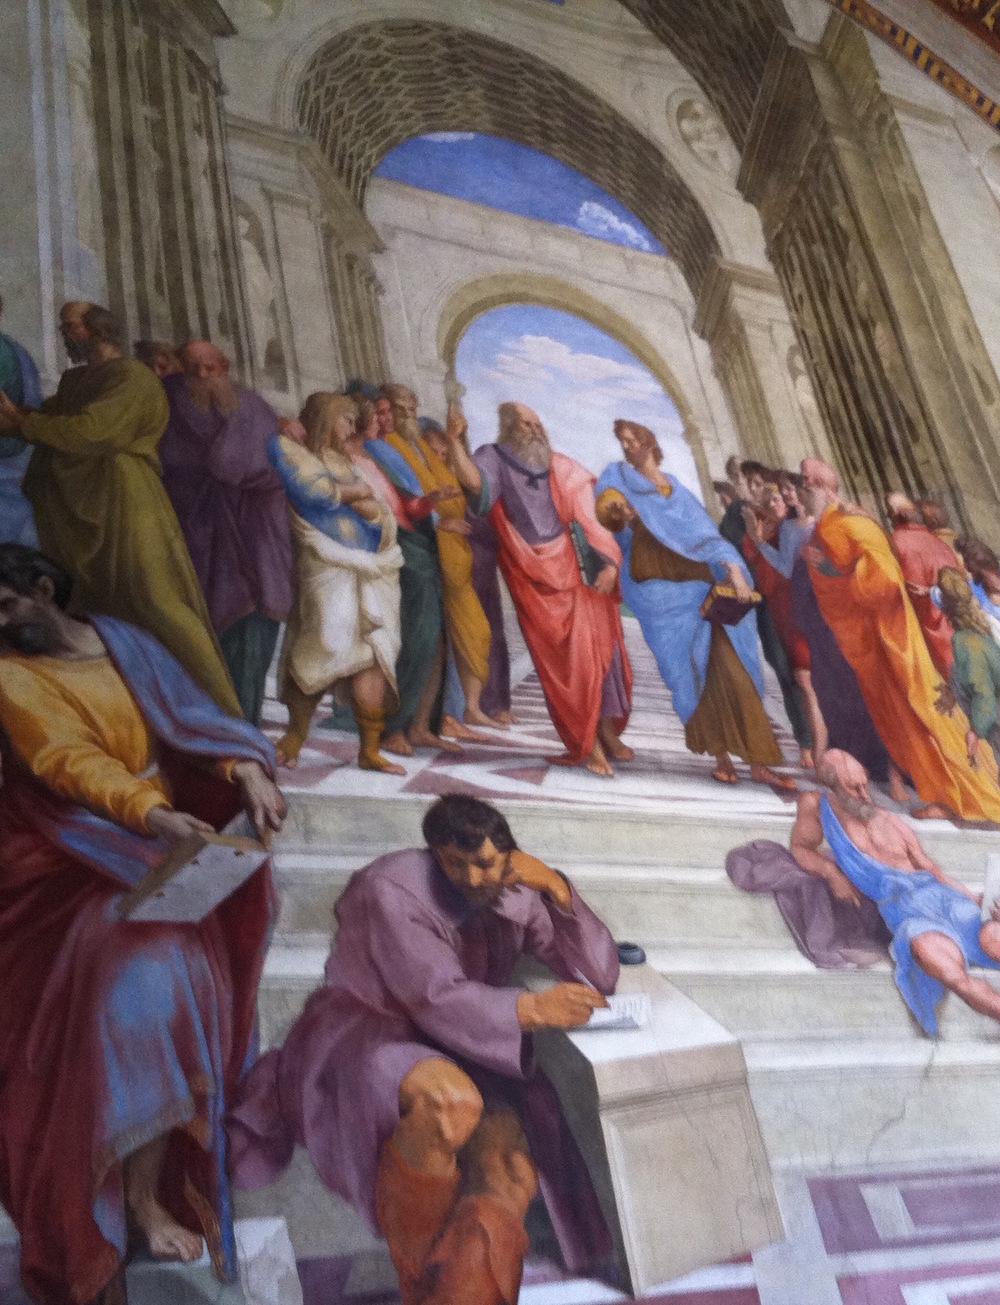 Raphael's Scula di Atene